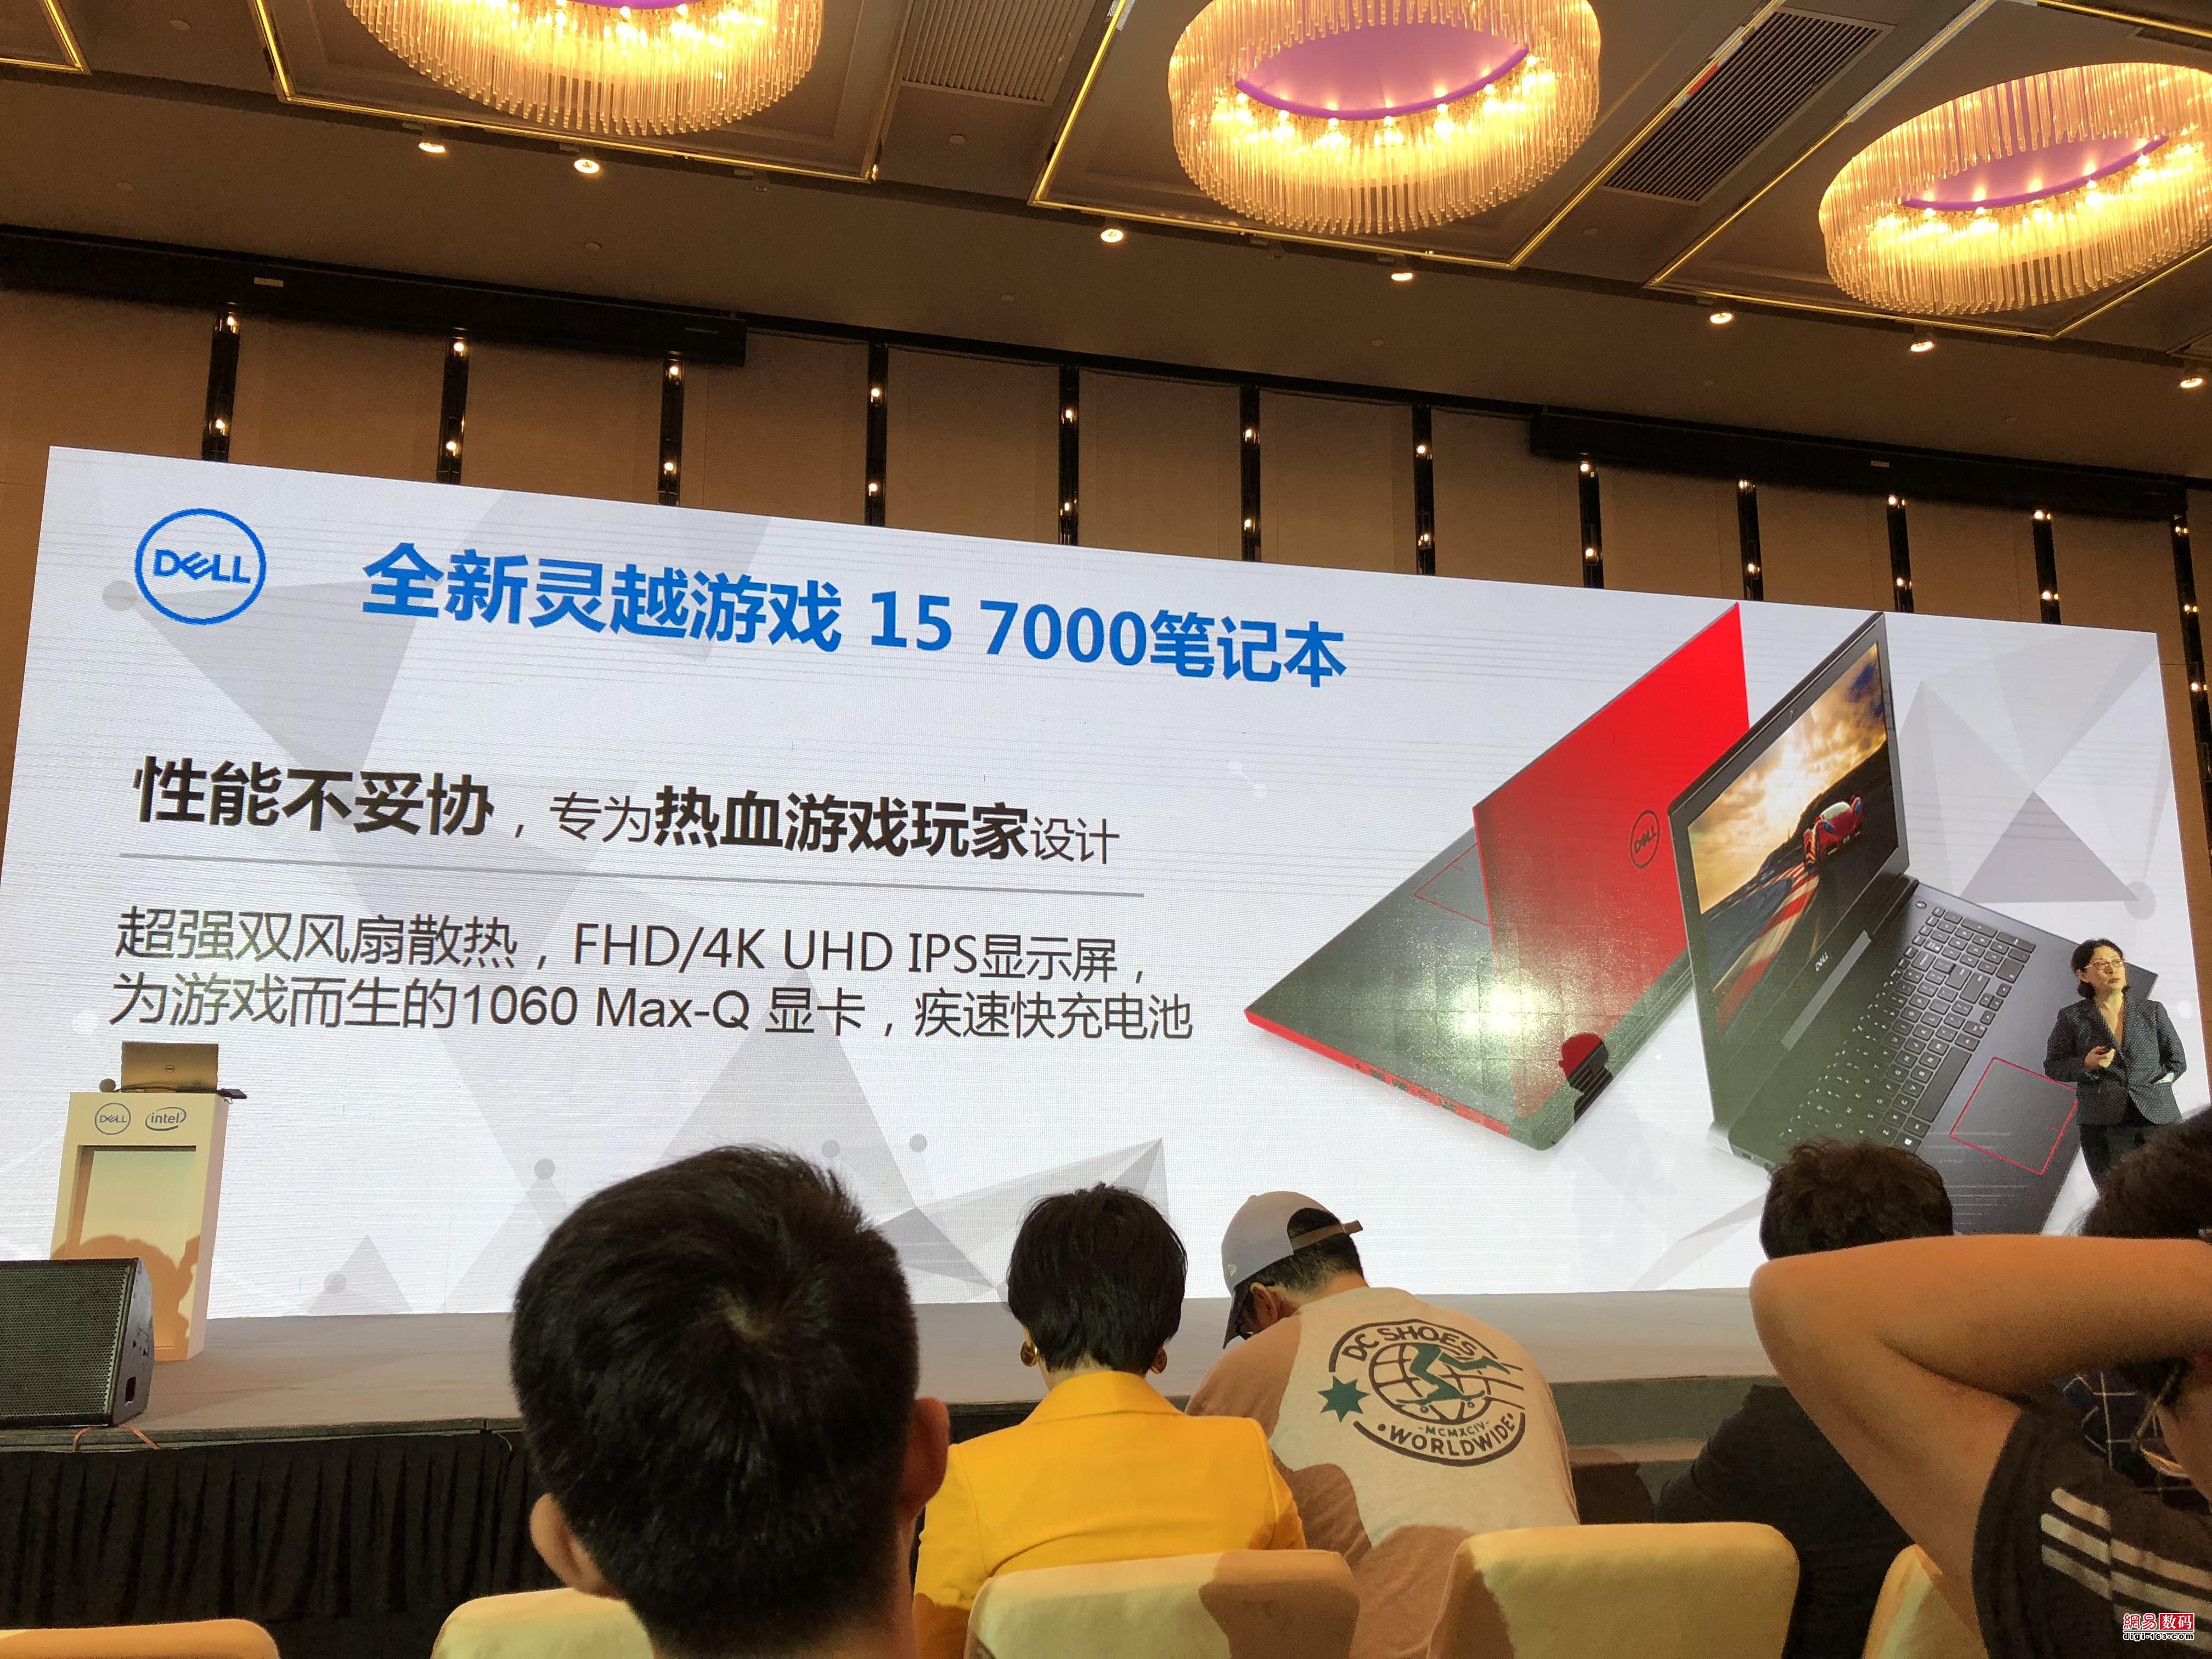 戴尔发布多款高性能笔电 推出手机电脑联通软件